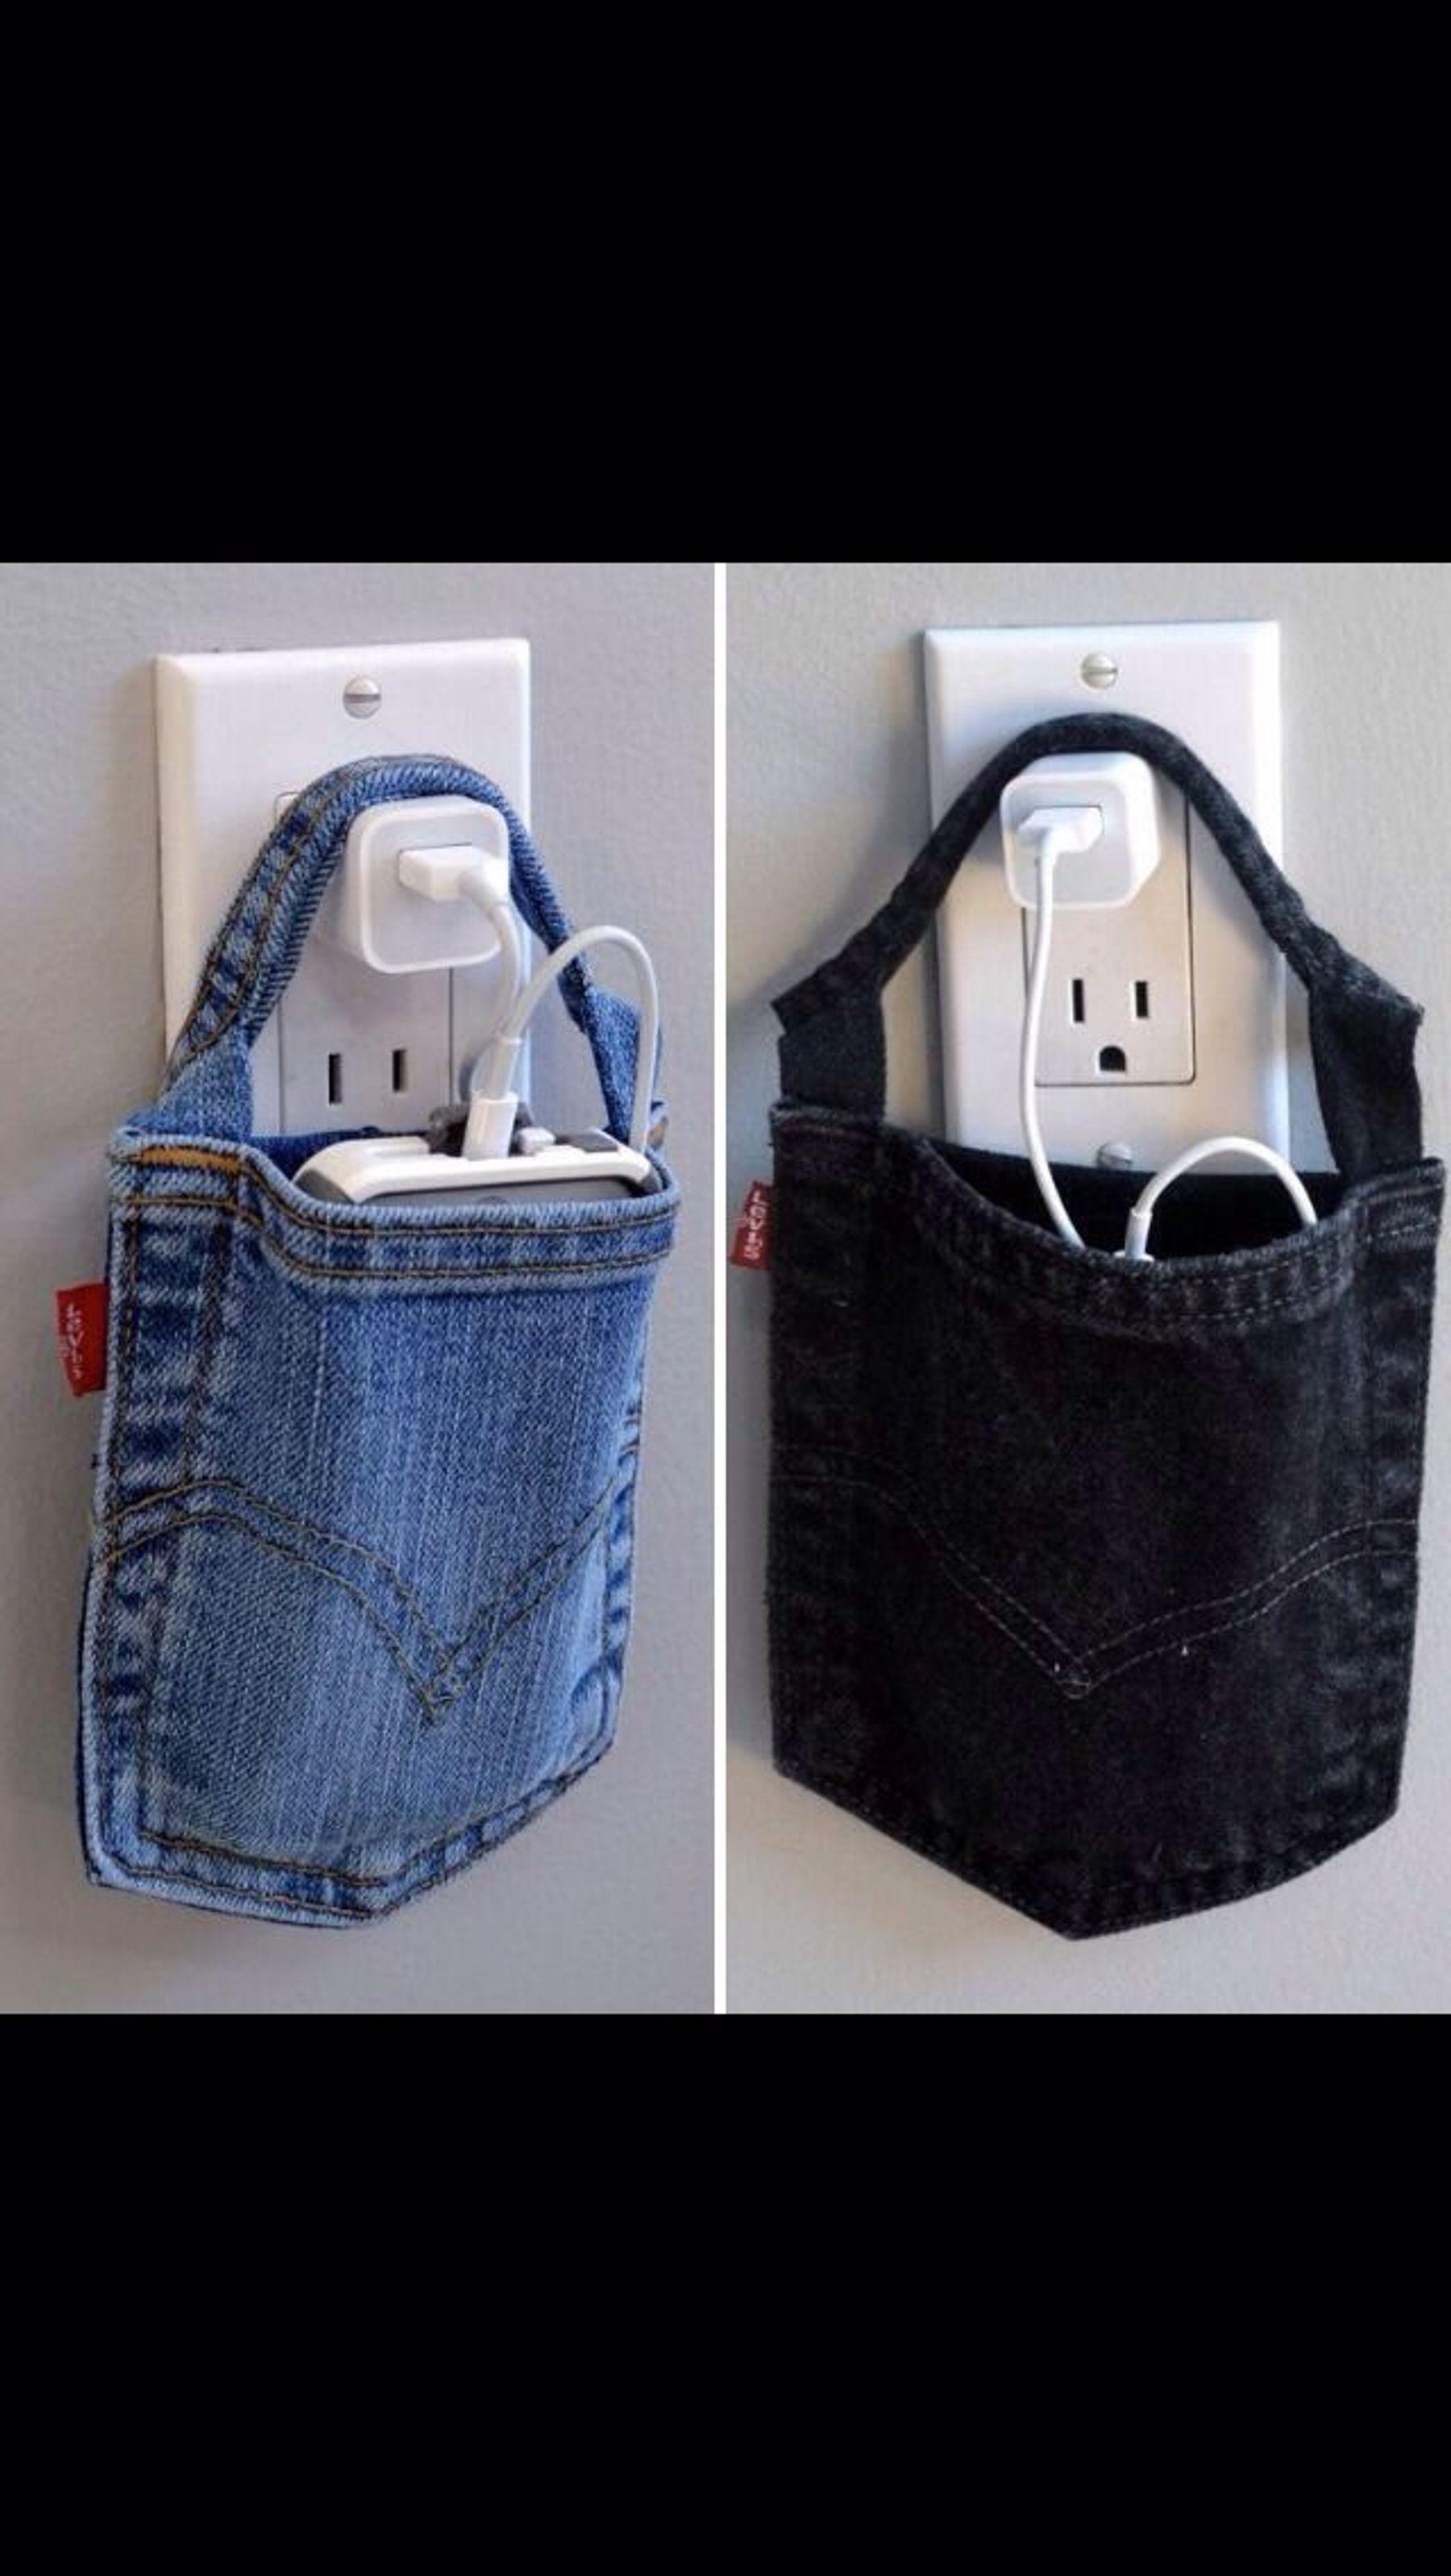 Làm túi đựng điện thoại với túi của quần jeans